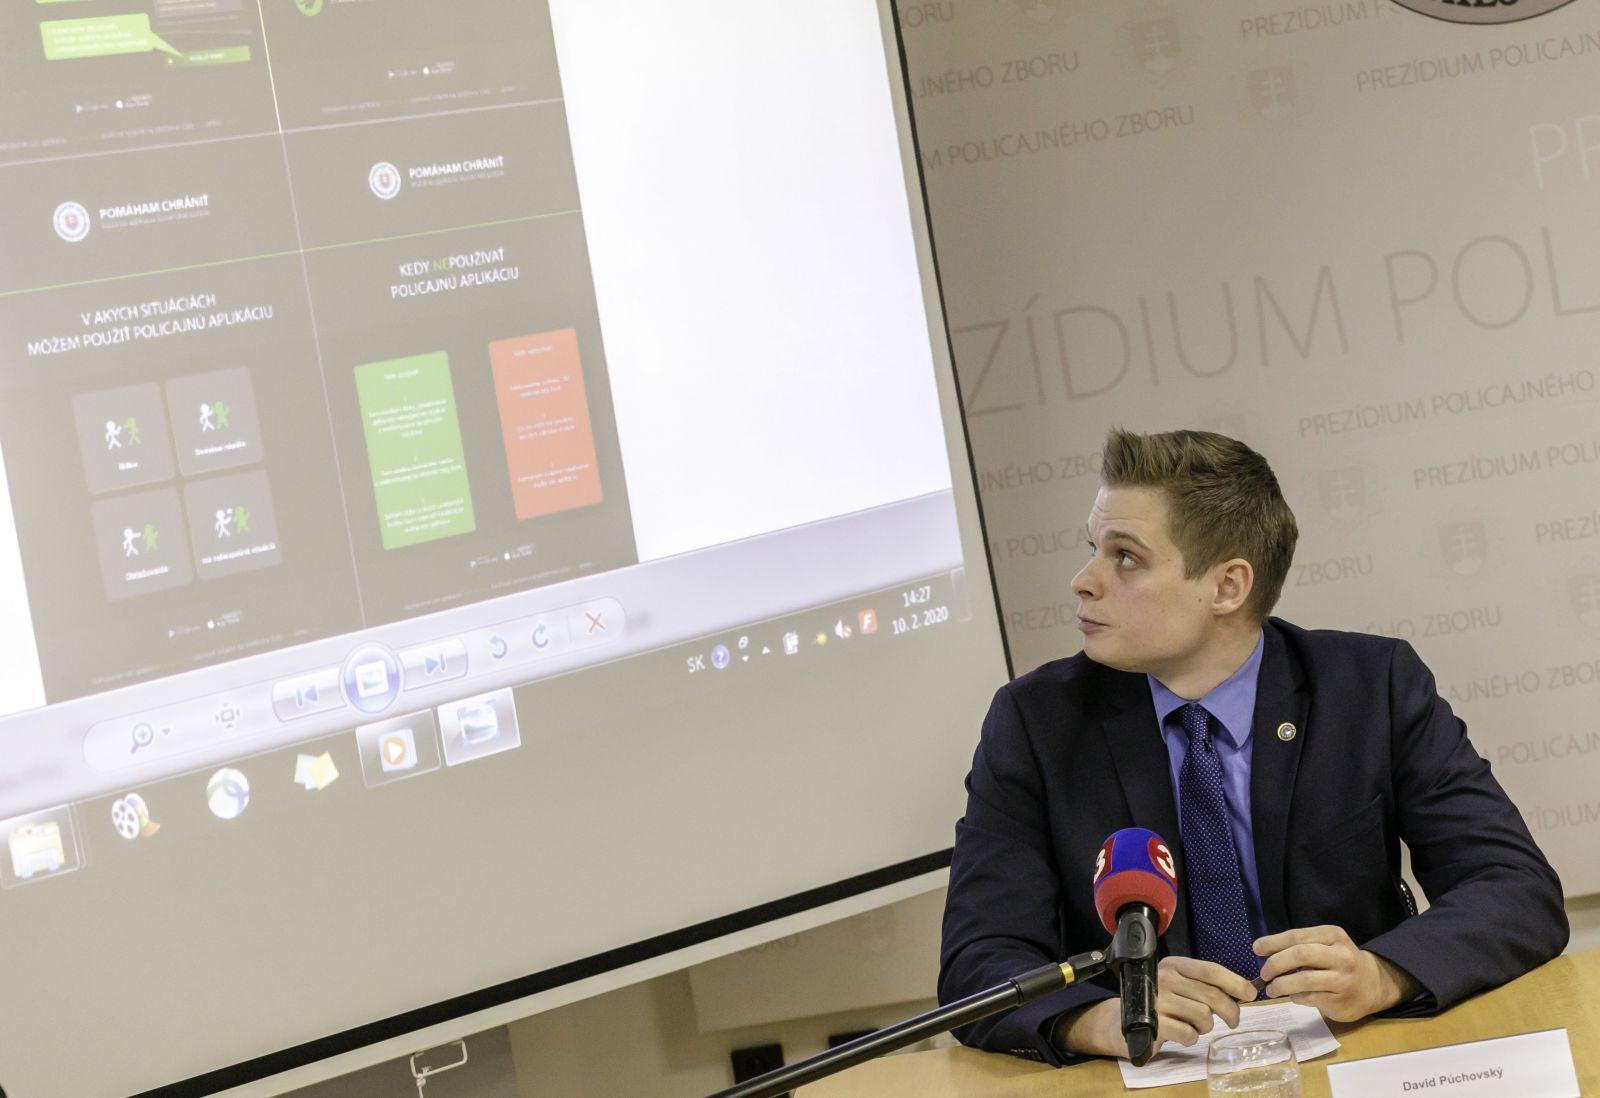 Slovenská polícia chystá mobilnú aplikáciu, vďaka ktorej si privoláš pomocť. Určená je najmä pre týrané a napadnuté ženy